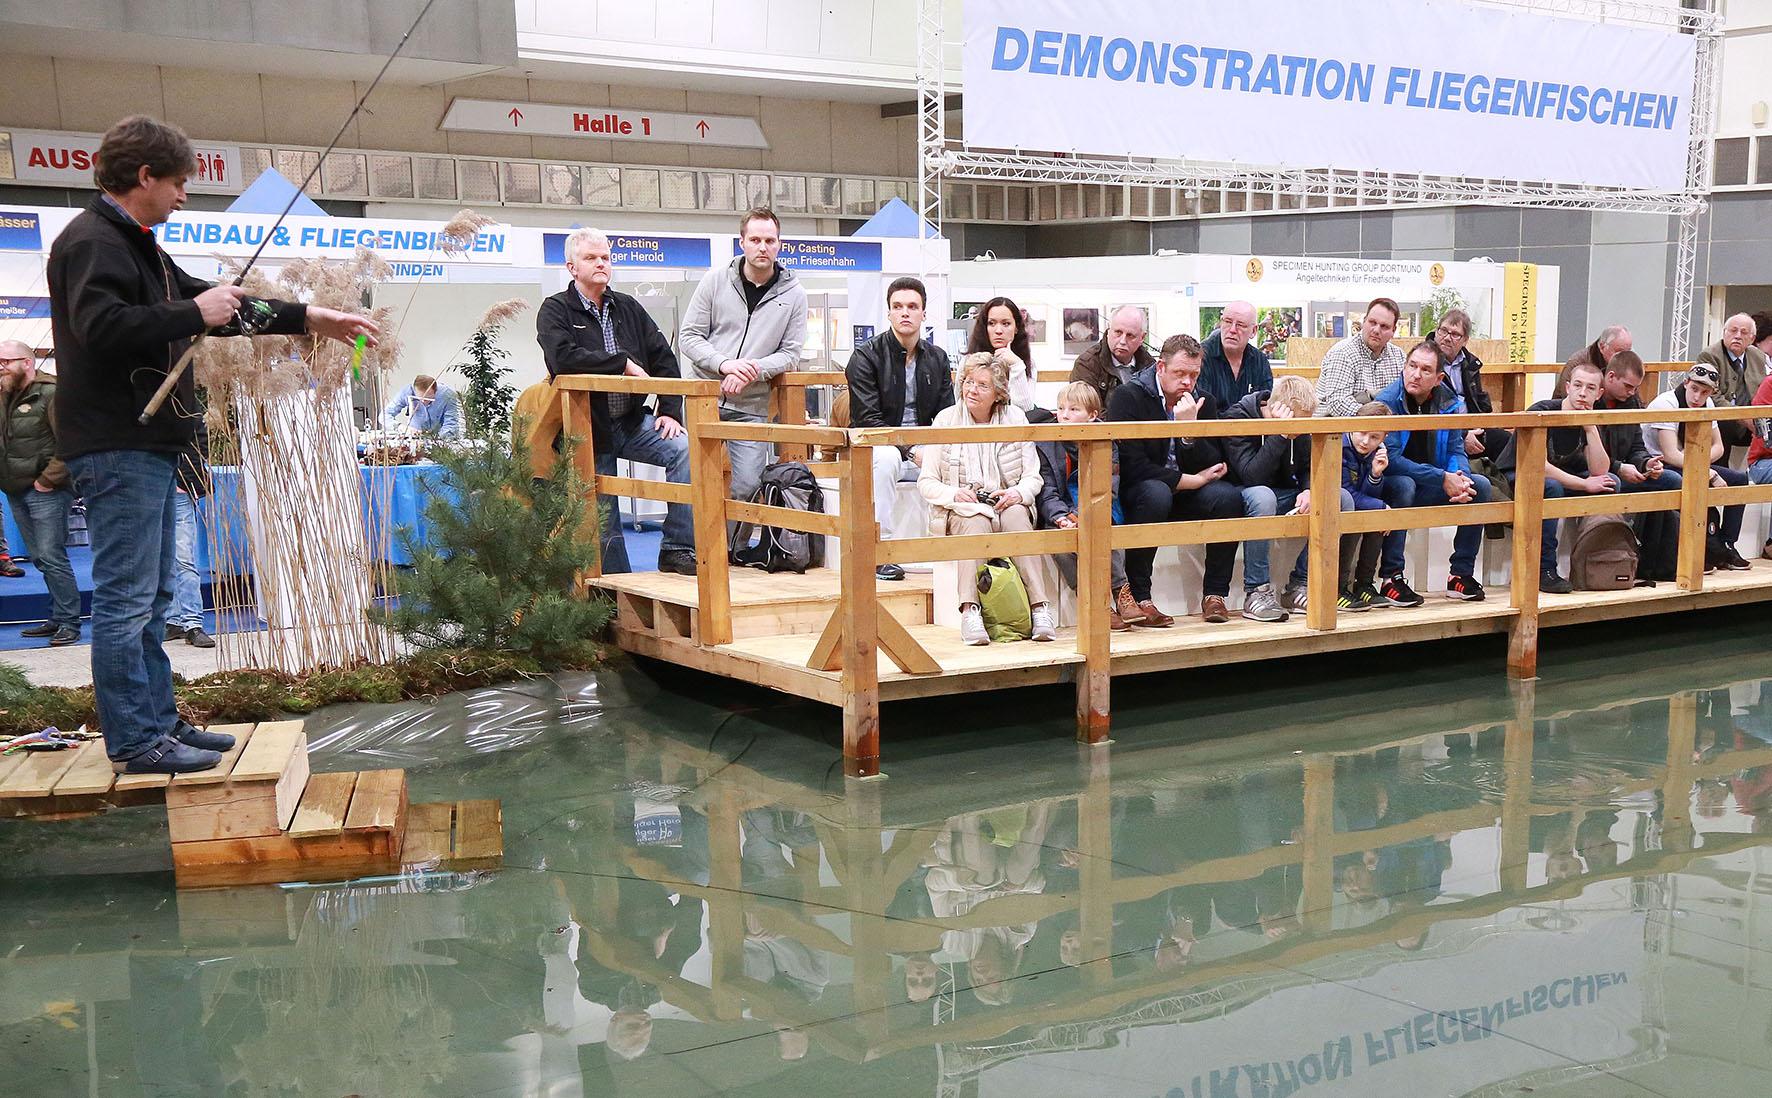 Die Vorführungen von Raubfisch-Profi Uli Beyer zählen zu den großen Messe-Magneten. Bild: Westfalenhallen GmbH/Anja Cord